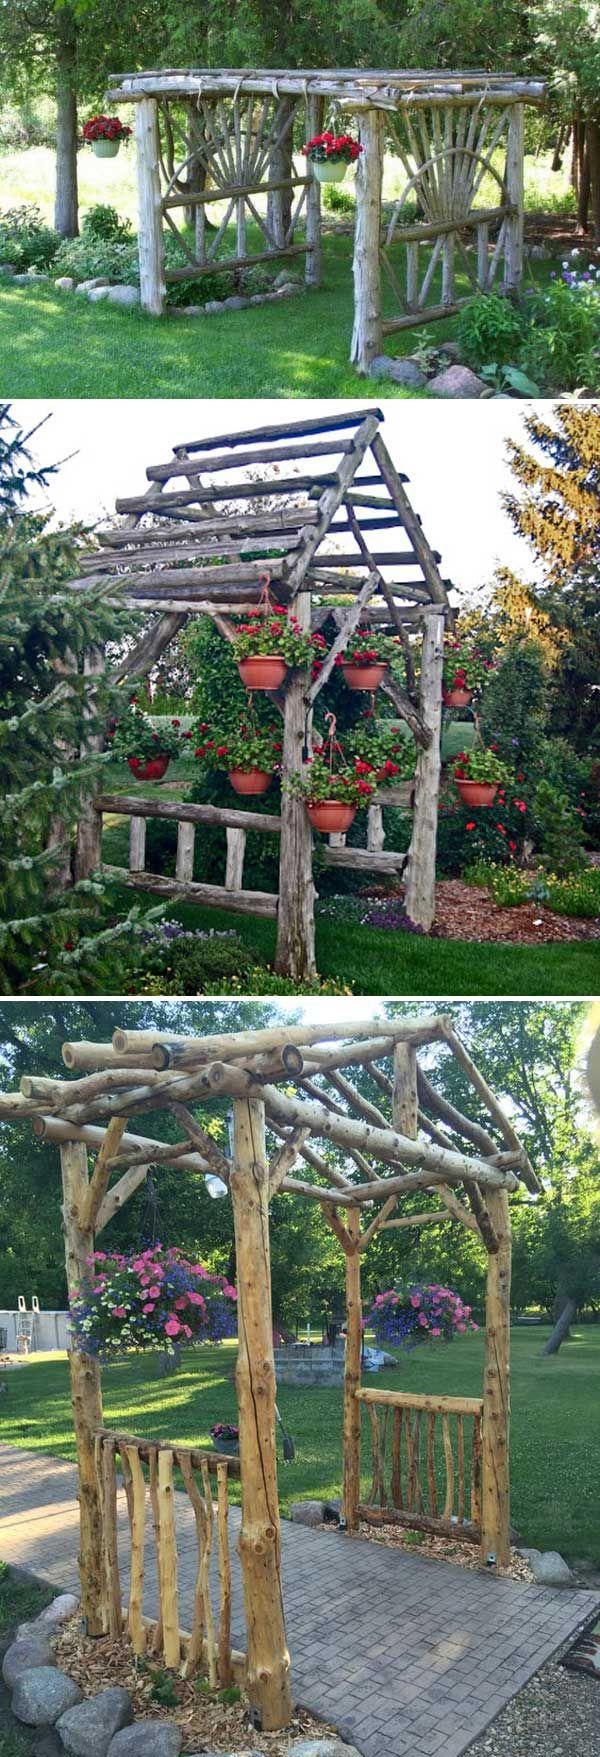 DIY έργα από ξύλο για τον κήπο12